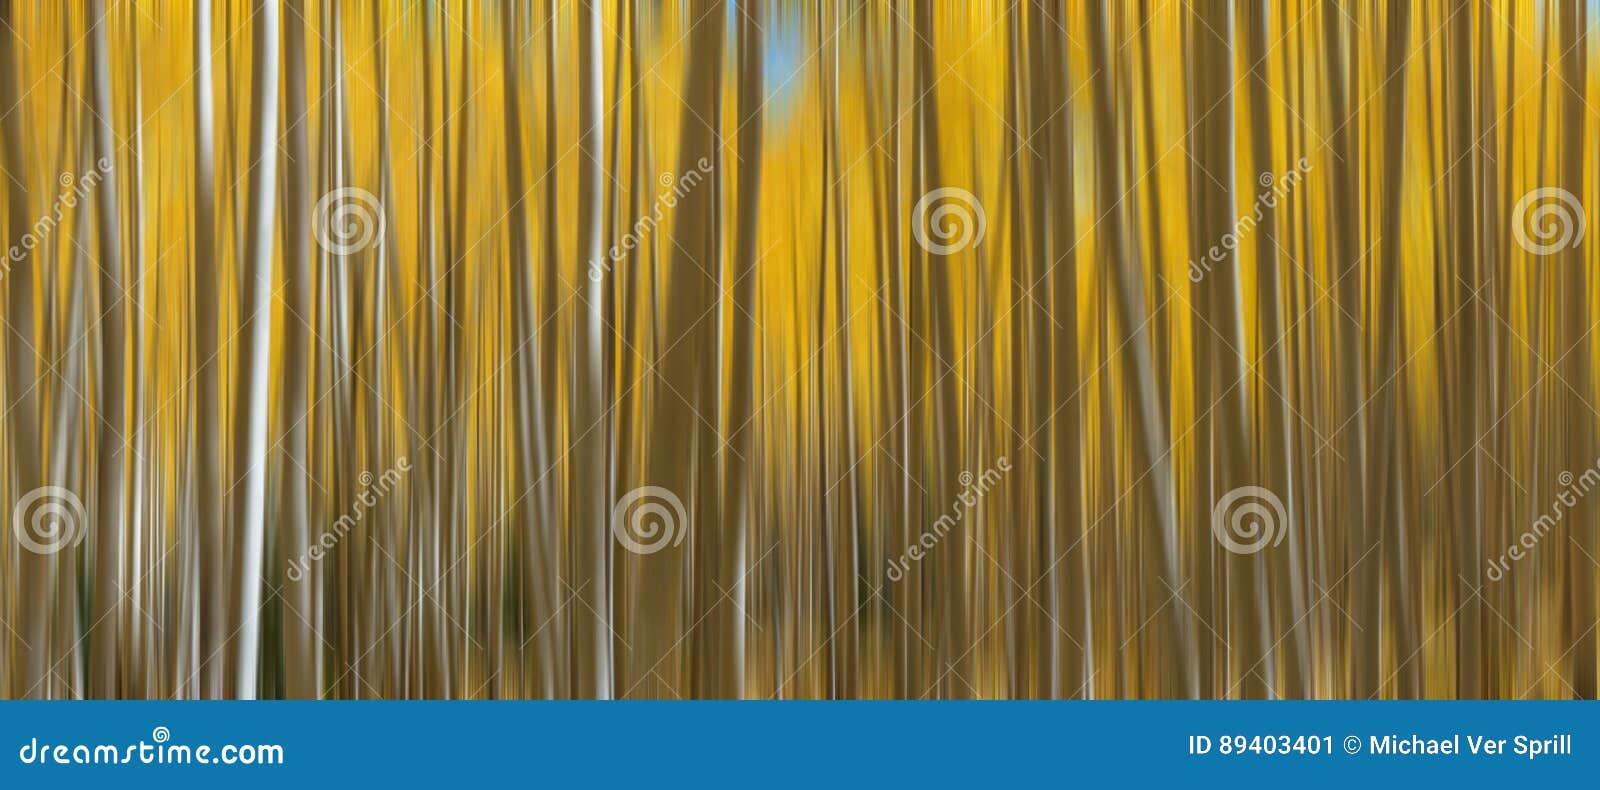 Autumn Aspen Trees Abstract Panorama